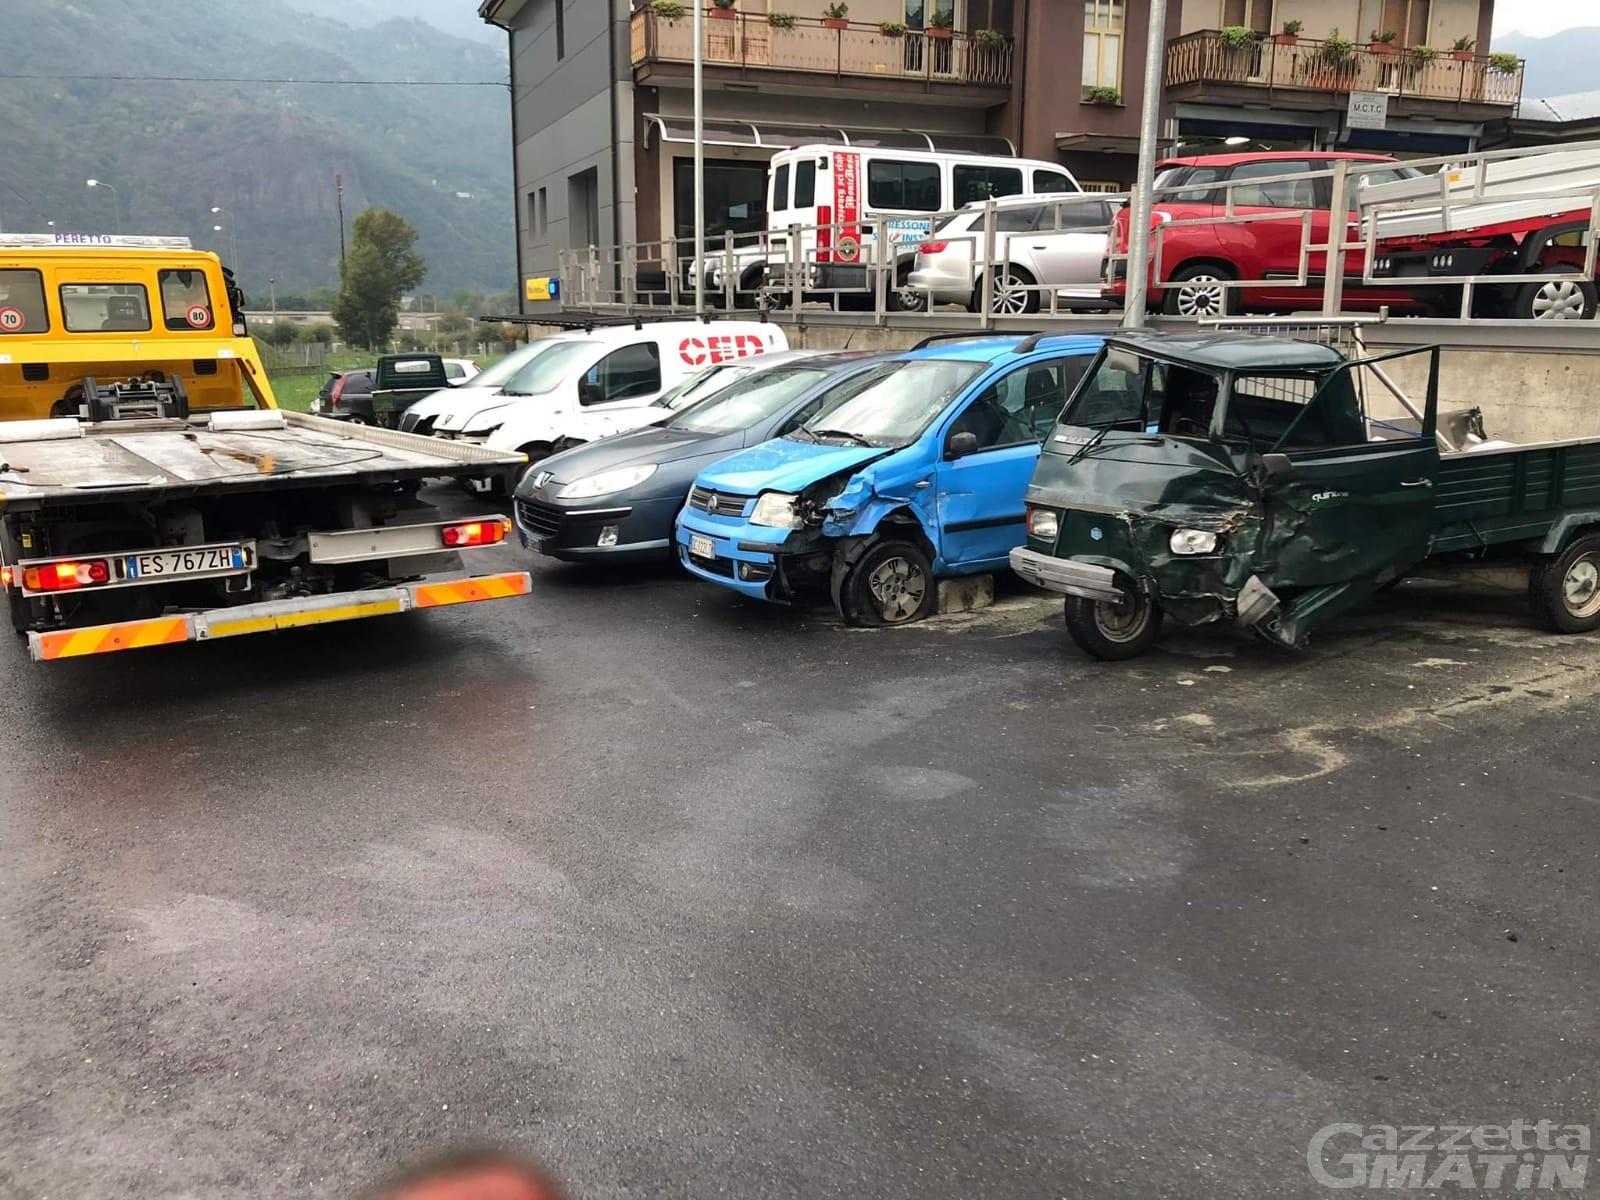 Incidente stradale, ape contro auto: grave settantottenne